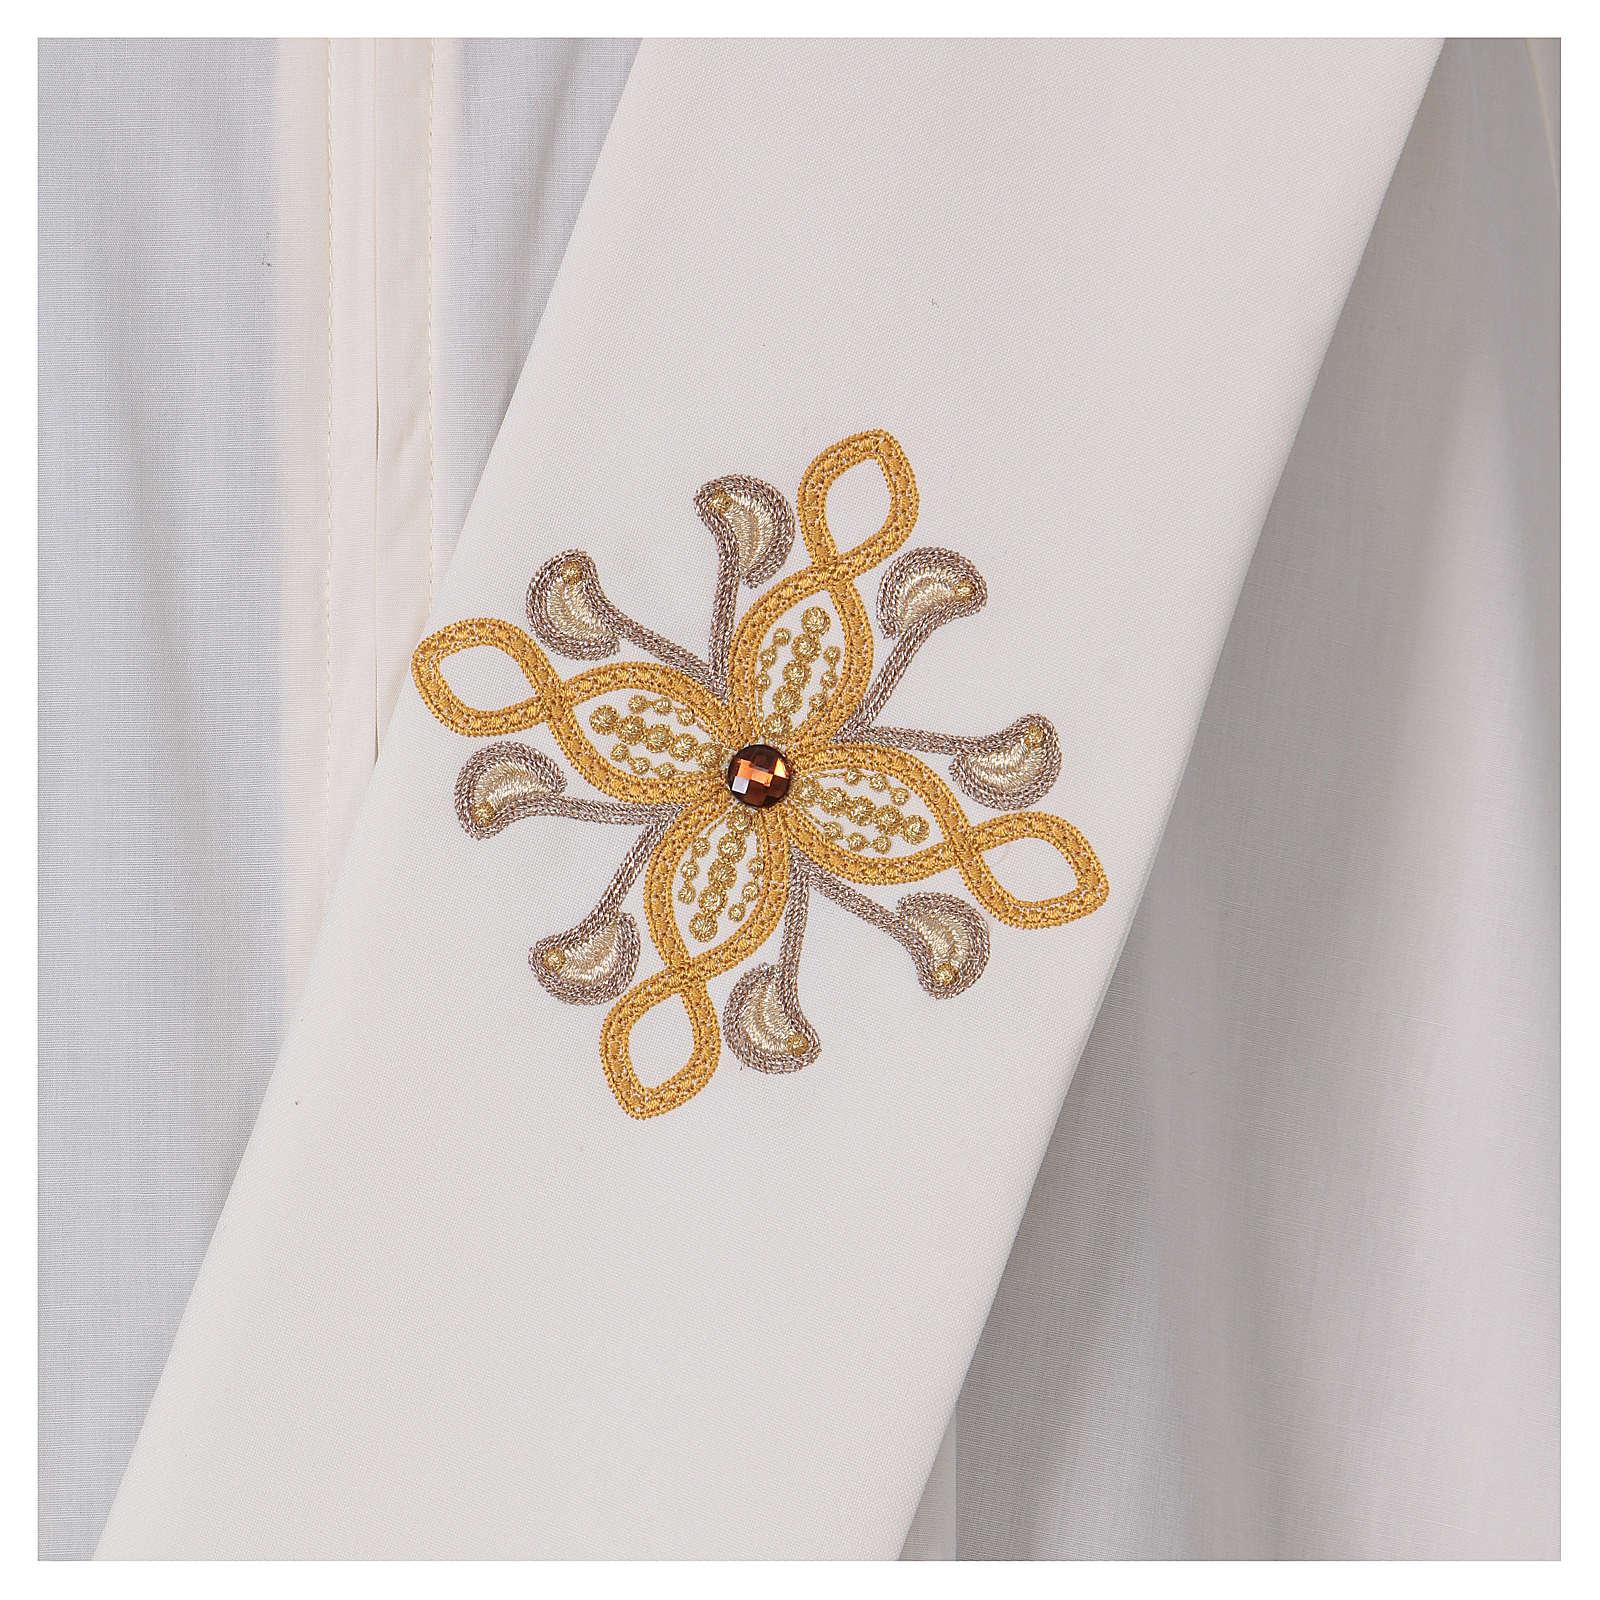 Étole diaconale ivoire fleur avec applications 80% polyester 20% laine 4